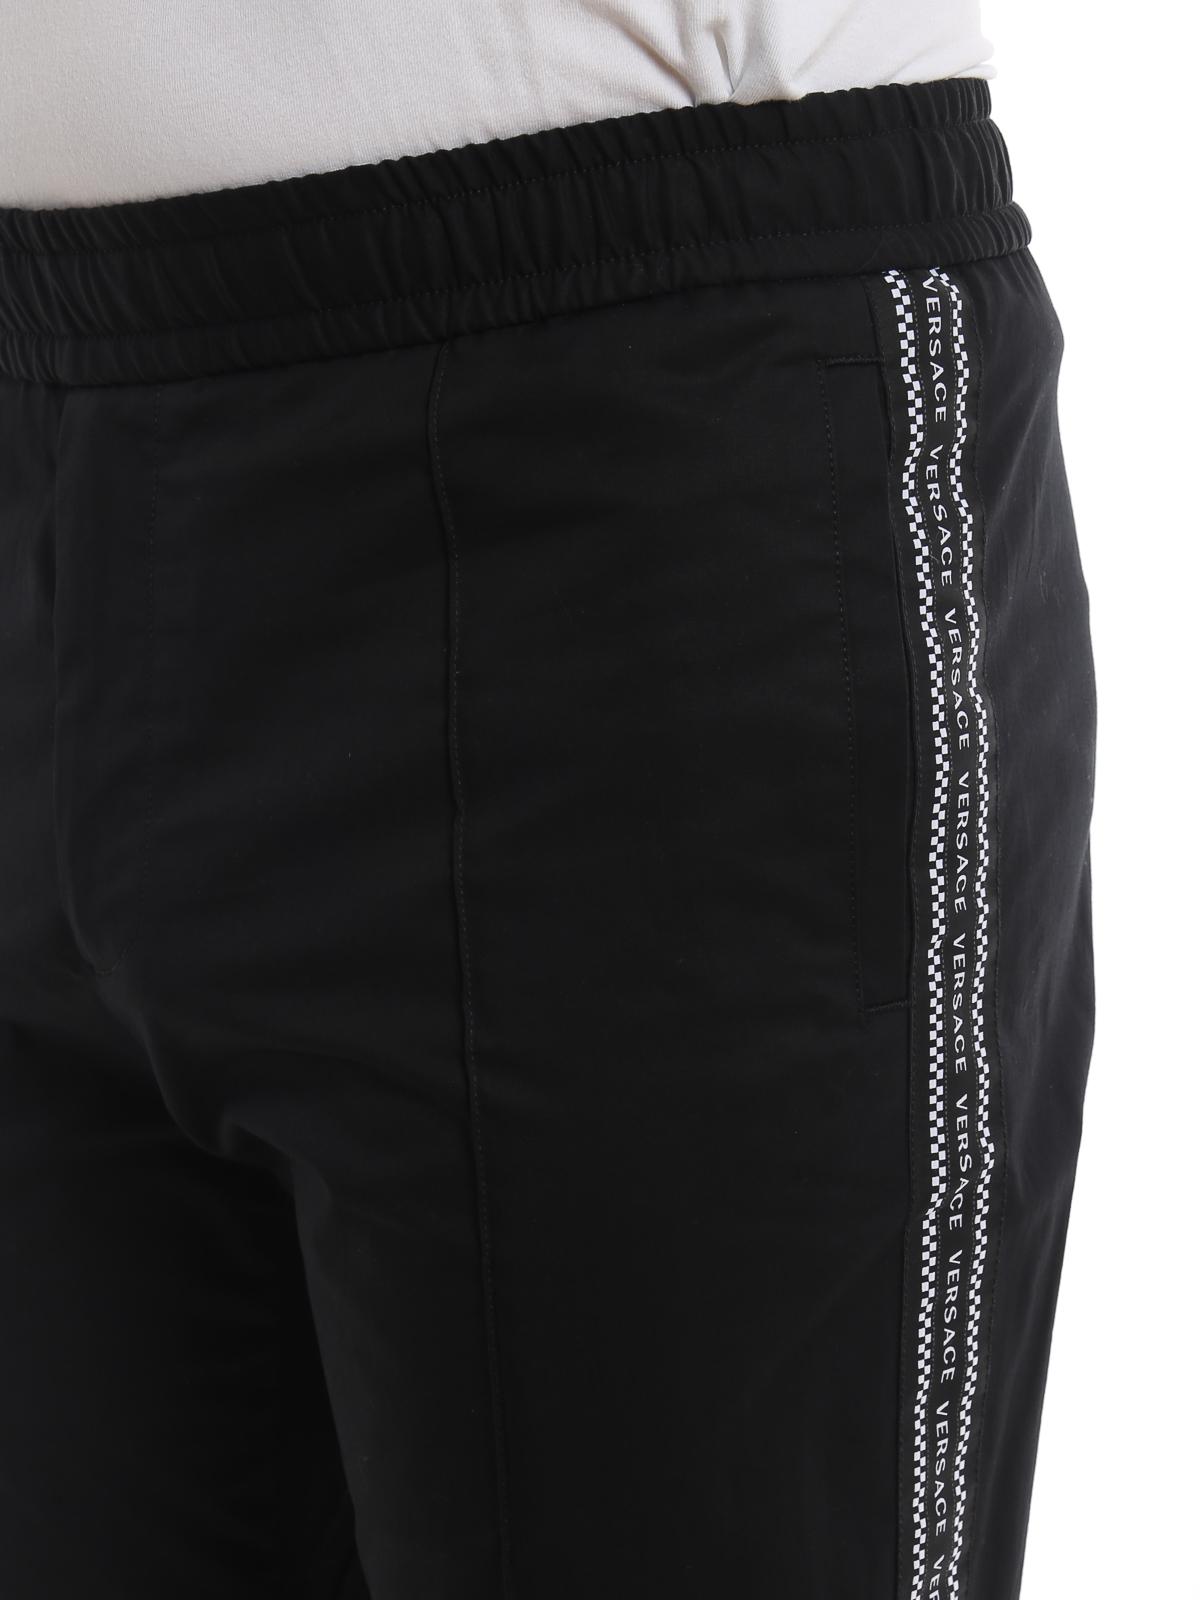 52e9e5e8 Versace - Nastro Versace black trousers - casual trousers ...